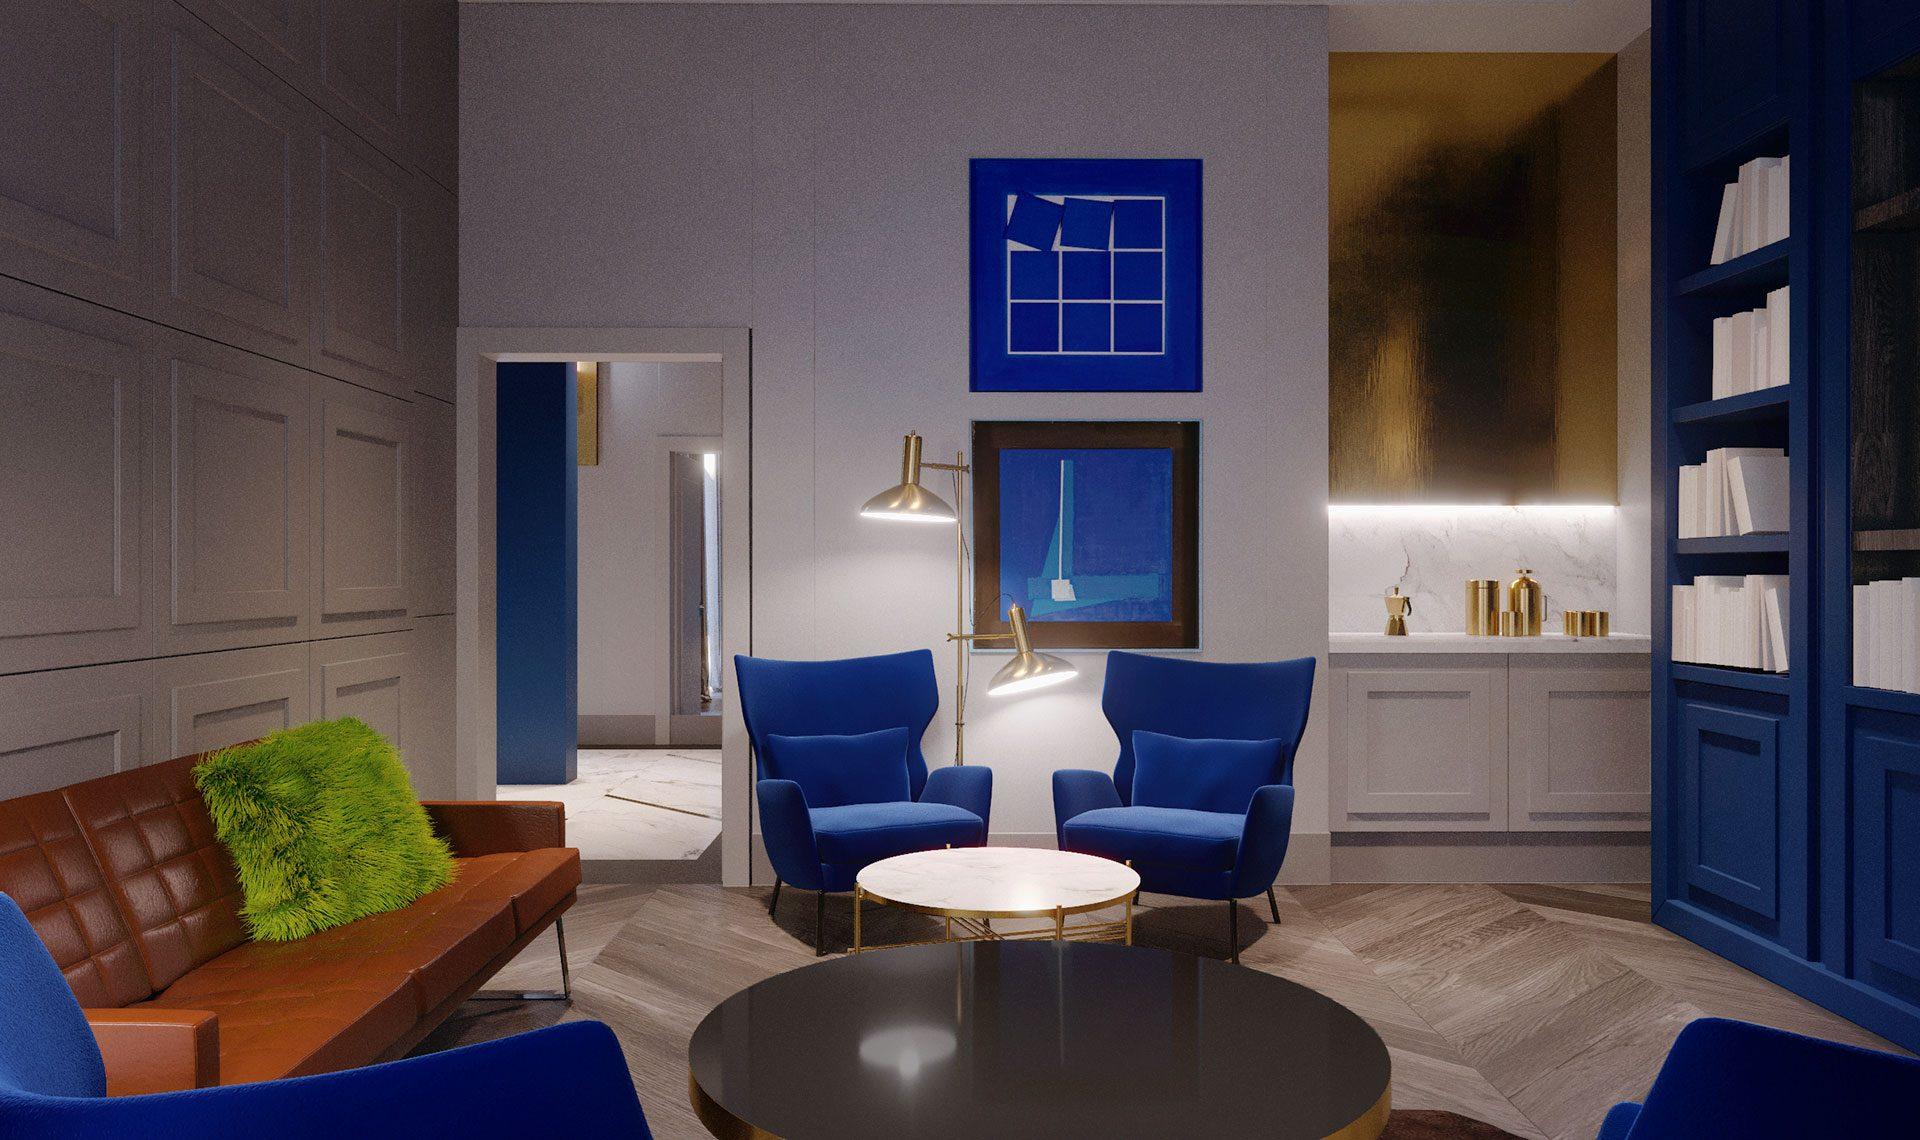 luksusowe apartamenty warszawa lounge wizualizacja